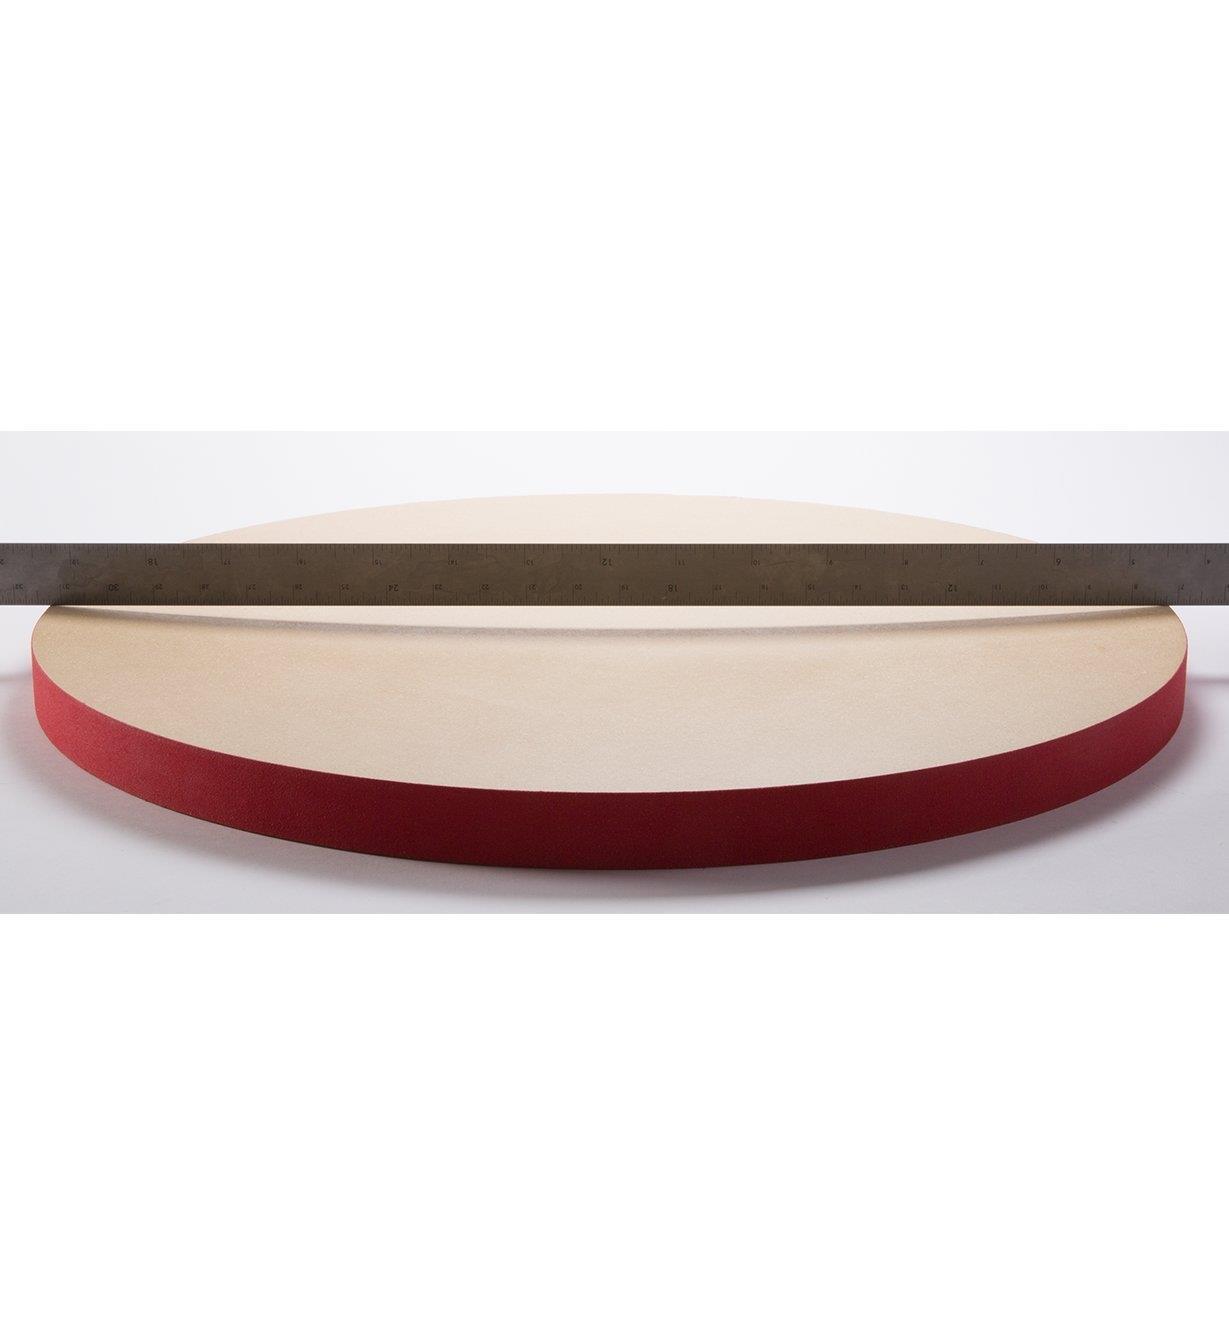 68Z8130 - Disque incurvé, courbure de 15pi de rayon